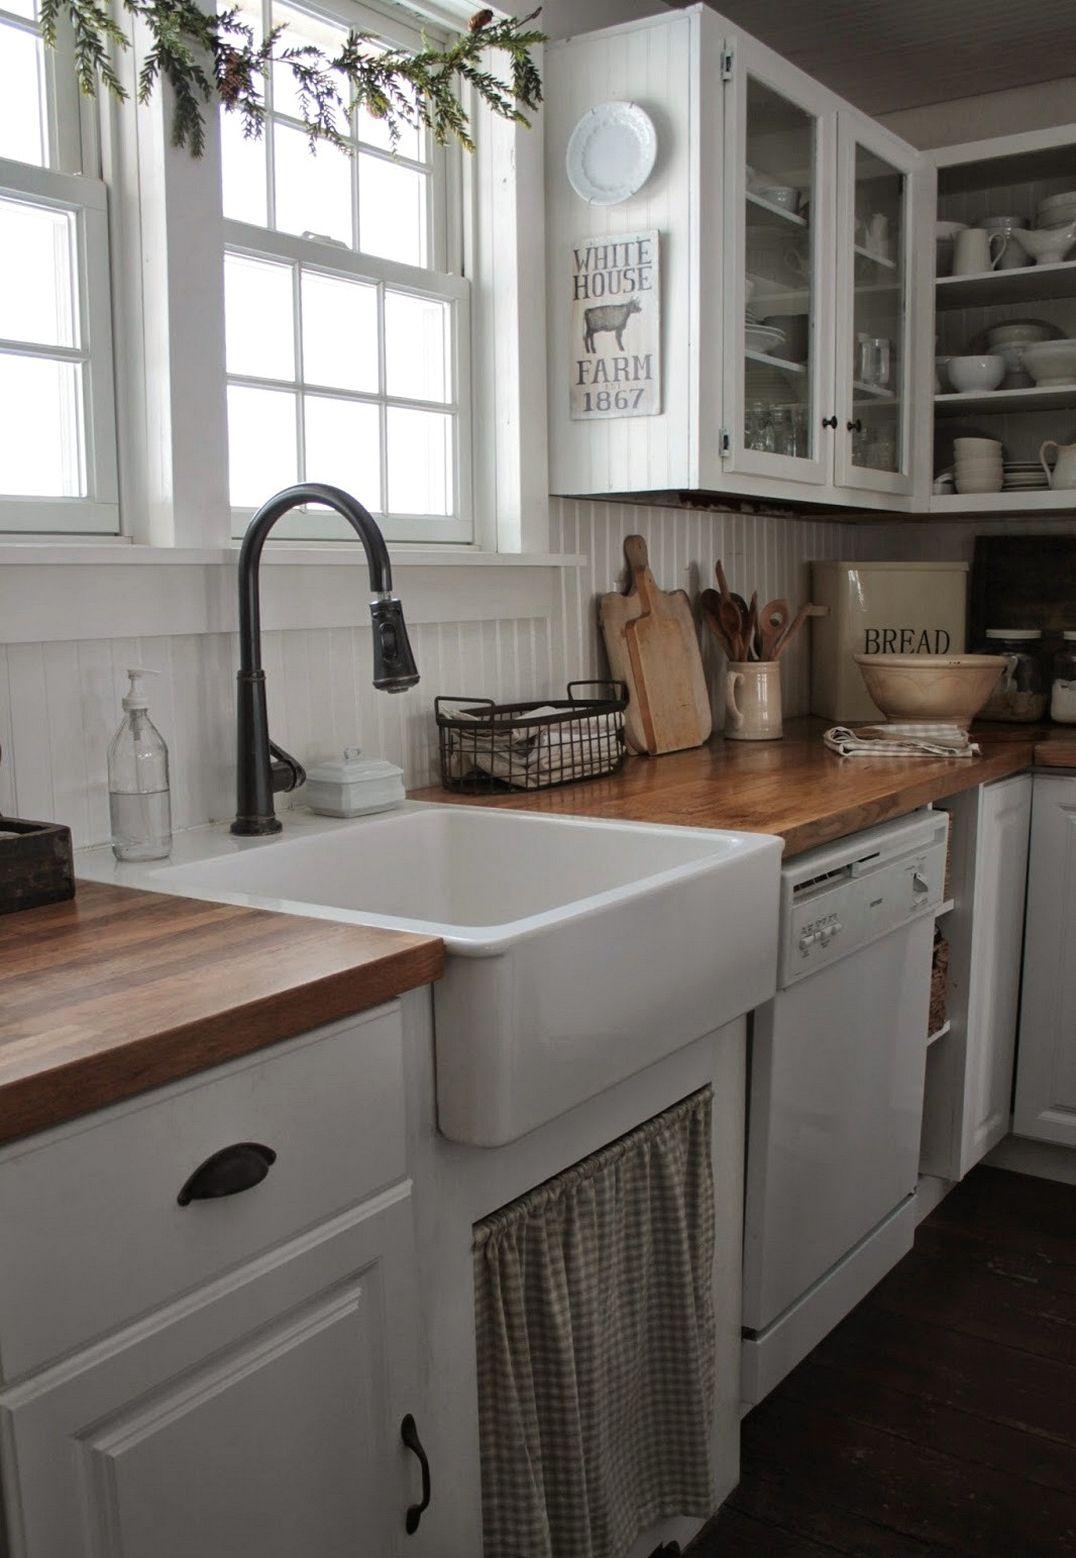 100+ Farmhouse Kitchen Design Ideas of Your Dreams | Casas pequeñas ...